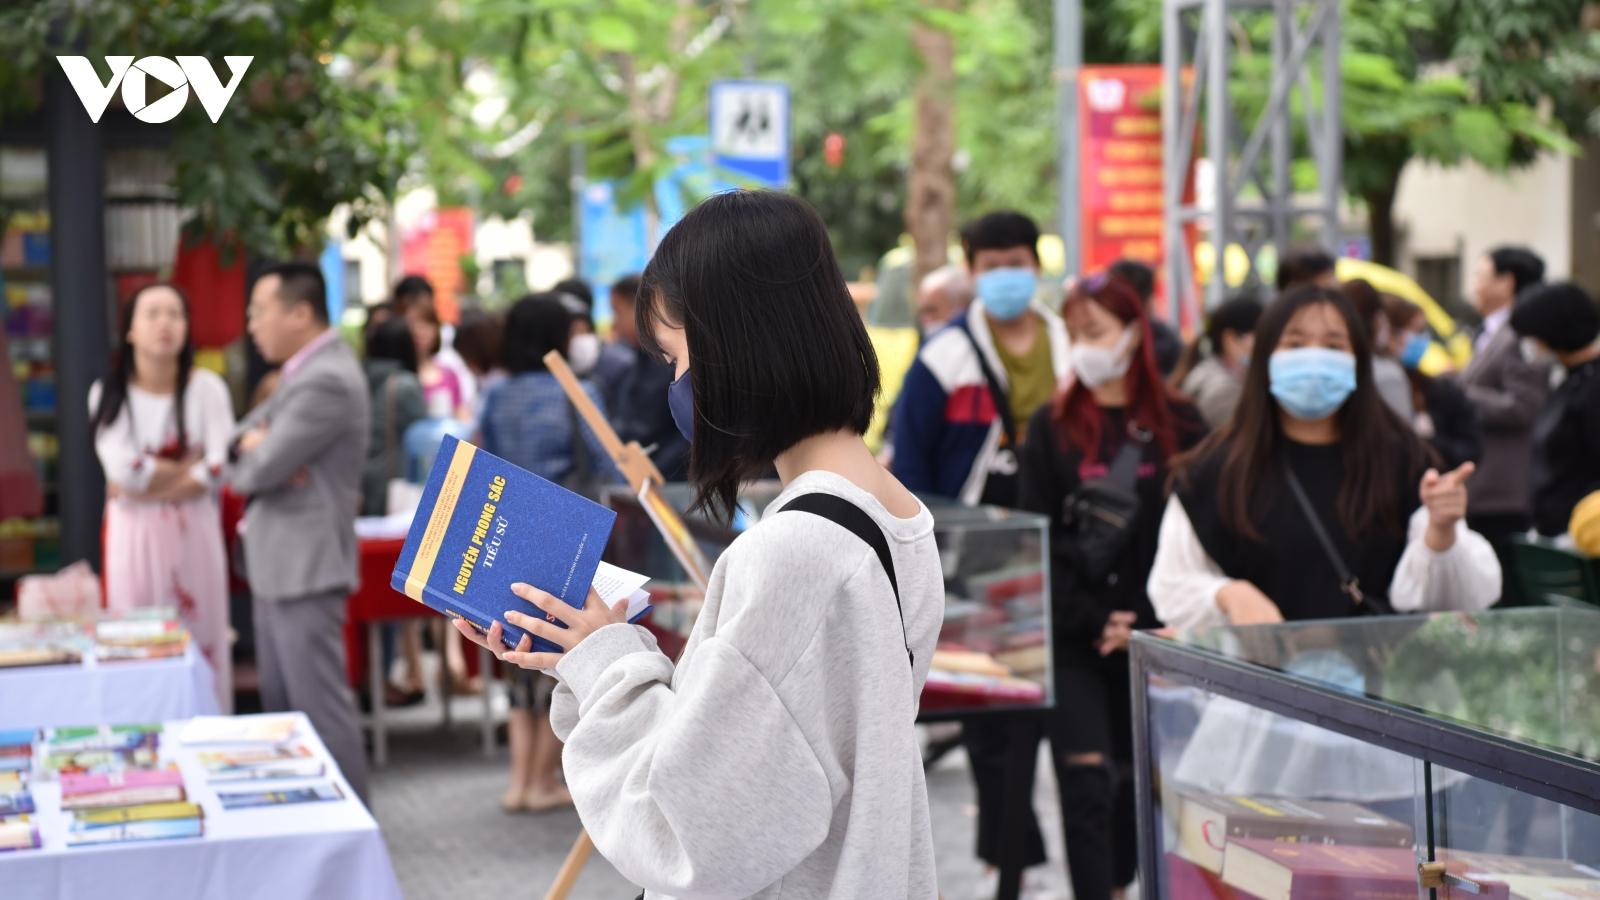 Hướng dẫn tổ chức Cuộc thi Đại sứ Văn hóa đọc cho học sinh, sinh viên trên toàn quốc